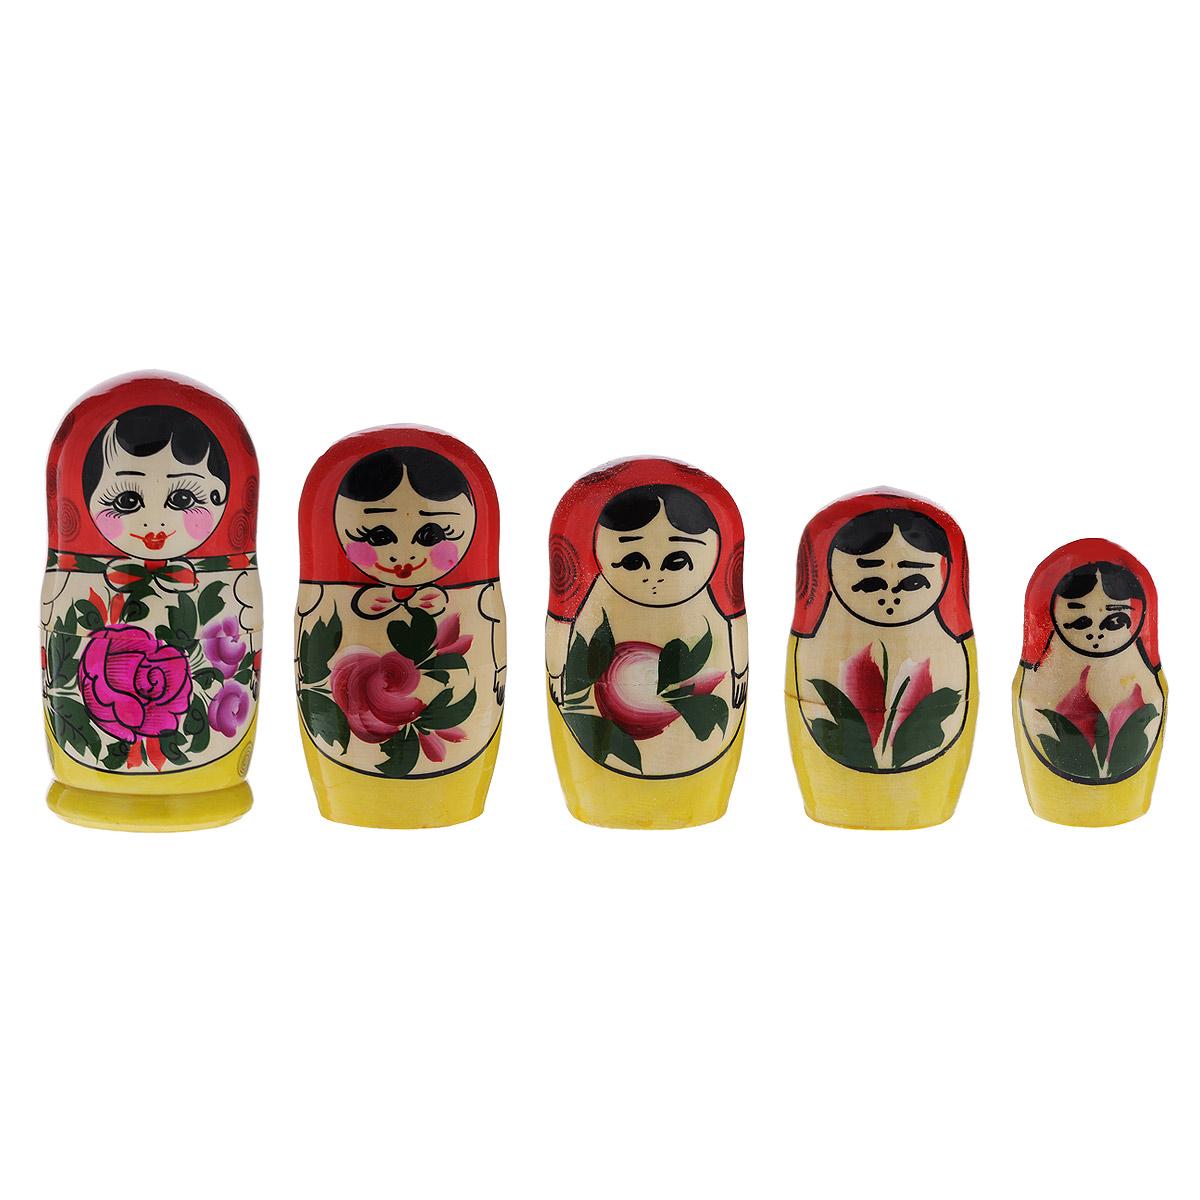 Набор матрешек Василиса Семеновская, 5 кукол, высота 18 см. Ручная работамкл5с1Матрешки Василиса Семеновская - один из самых популярных русских сувениров для подарка на любой случай и вкус. Сочные краски, старинный хохломской орнамент роскошных цветов создают праздничное настроение. Она по-прежнему вызывает восторг у наших соотечественников и иностранцев. Ведь открывать таких кукол «с сюрпризом» очень нравится и детям, и не менее любопытным взрослым. Малыши с помощью чудесной игрушки получают свои первые представления о форме, цвете и величине предметов, о количестве и делении целого на части. Взрослым расписную матрешку принято дарить на счастье, удачу и финансовое благополучие. Все матрешки изготовлены из липы, очень нарядны и декоративны. Сочные краски создают праздничное настроение. Каждая куколка расписана вручную, неповторима и оригинальна. Порадуйте своих друзей и близких этим замечательным подарком!